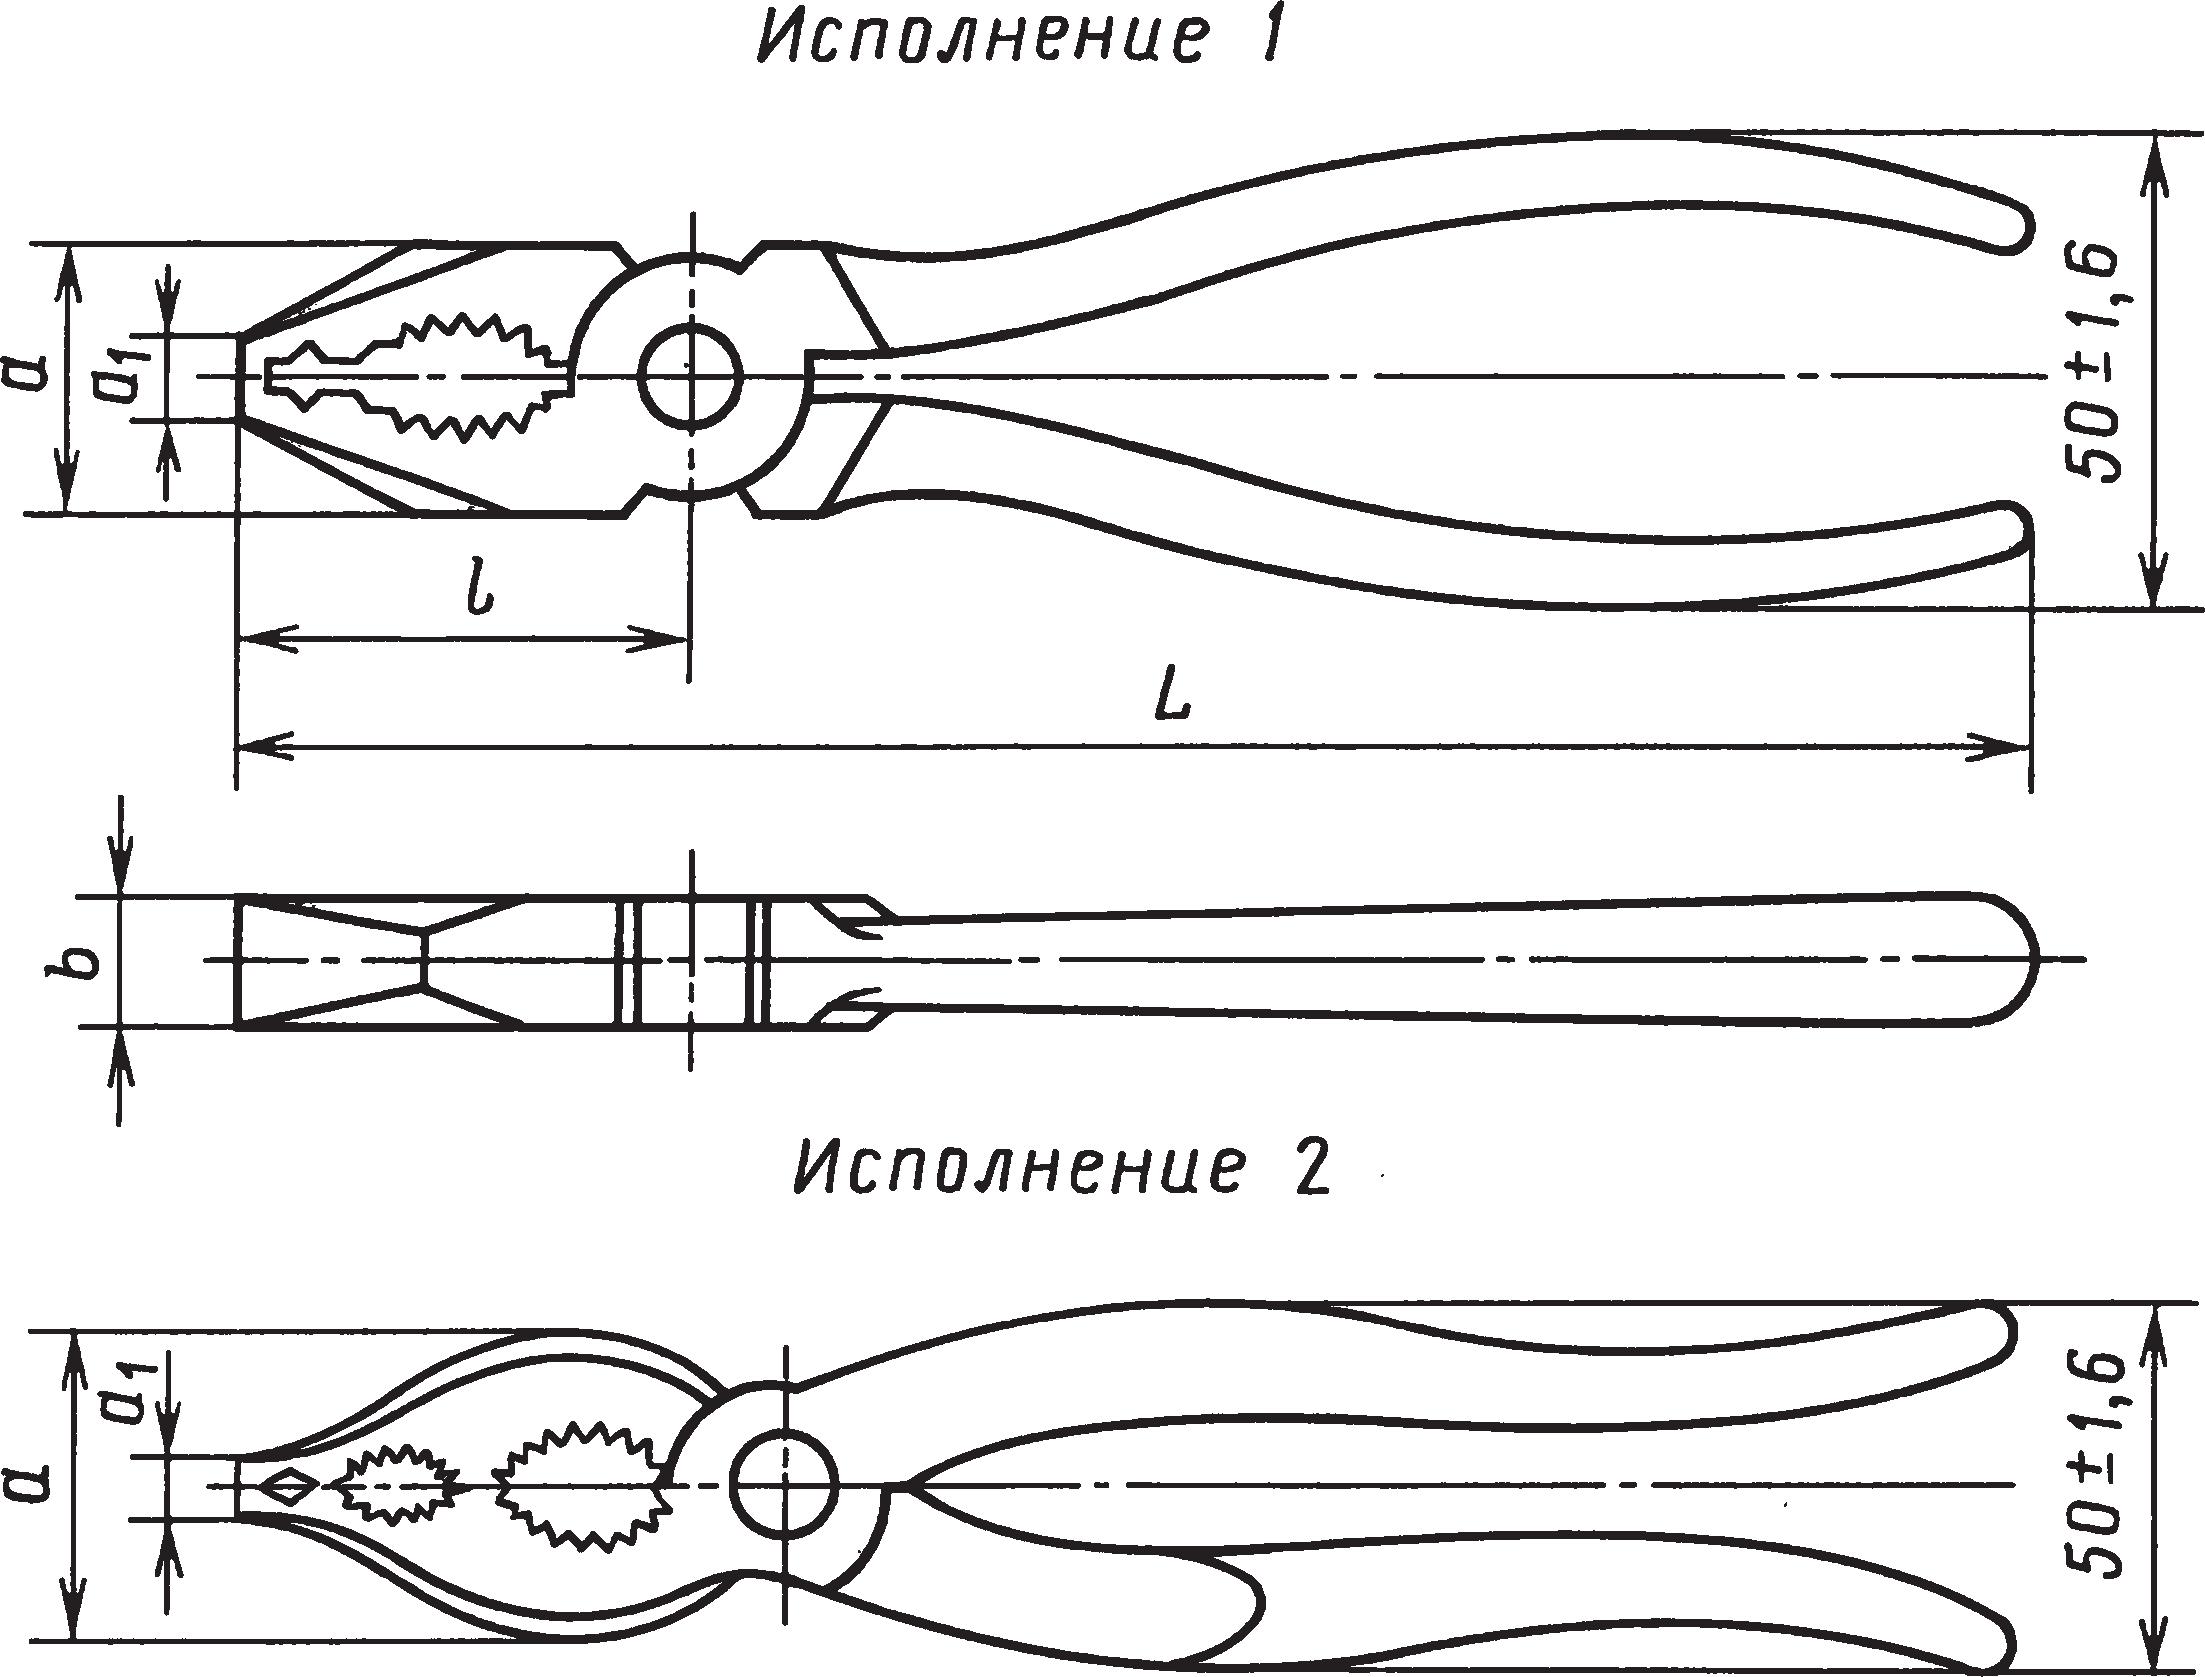 Пассатижи (ГОСТ 17438–72)